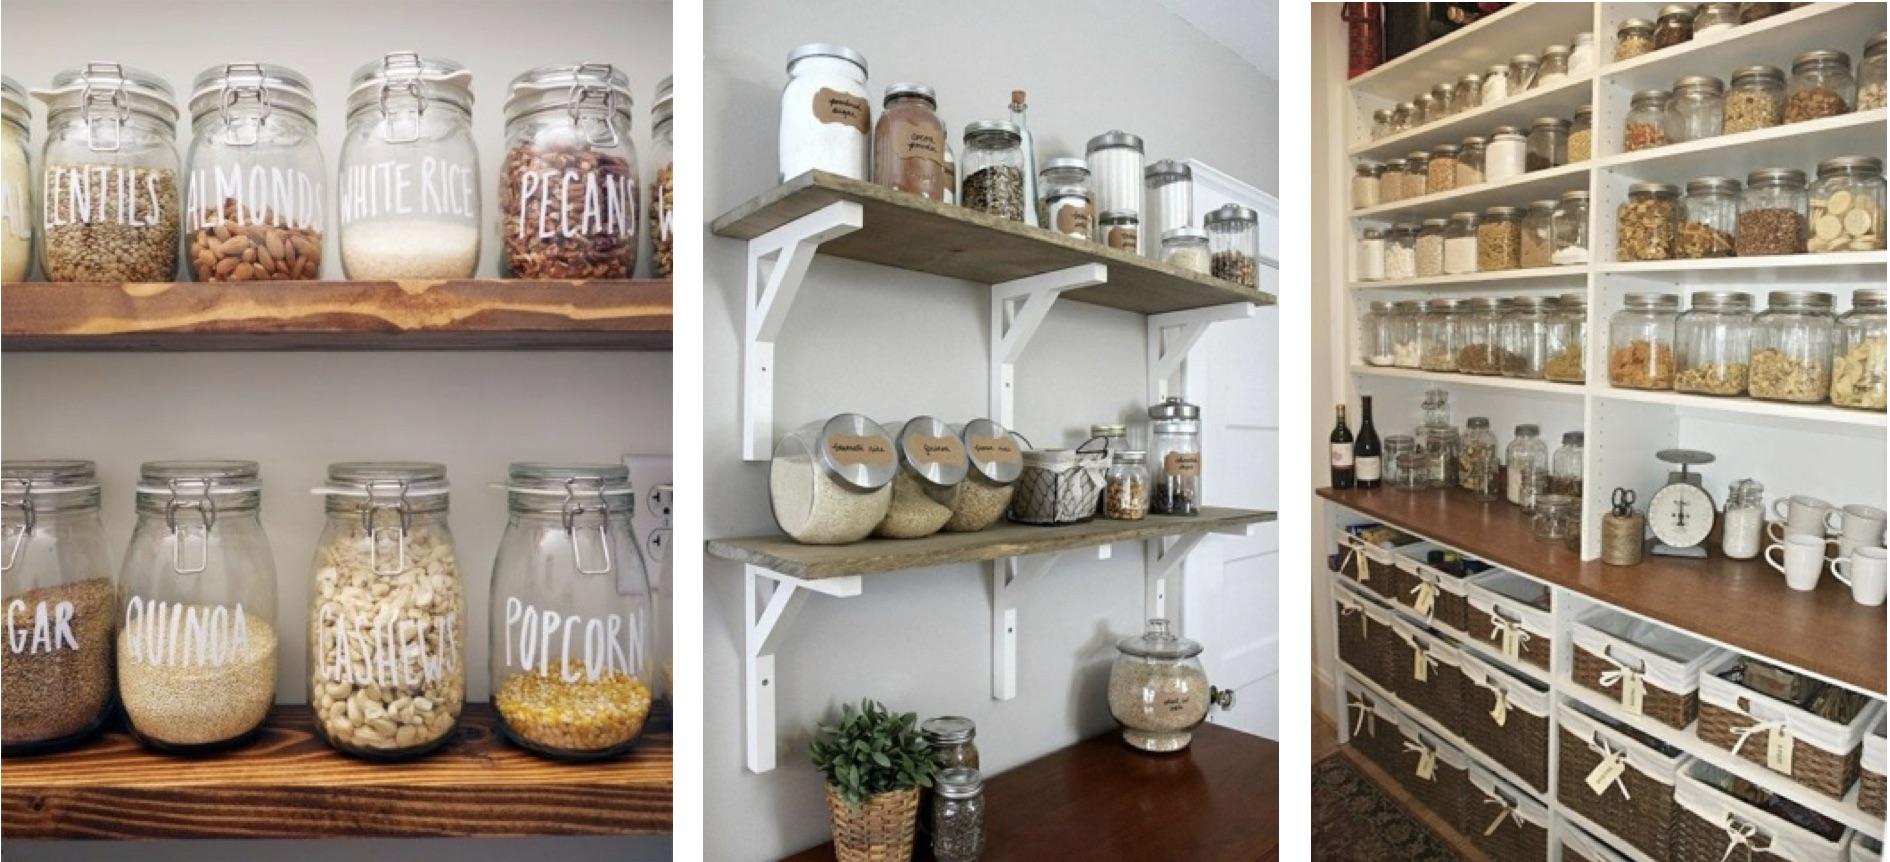 Les bocaux en verre dans une cuisine